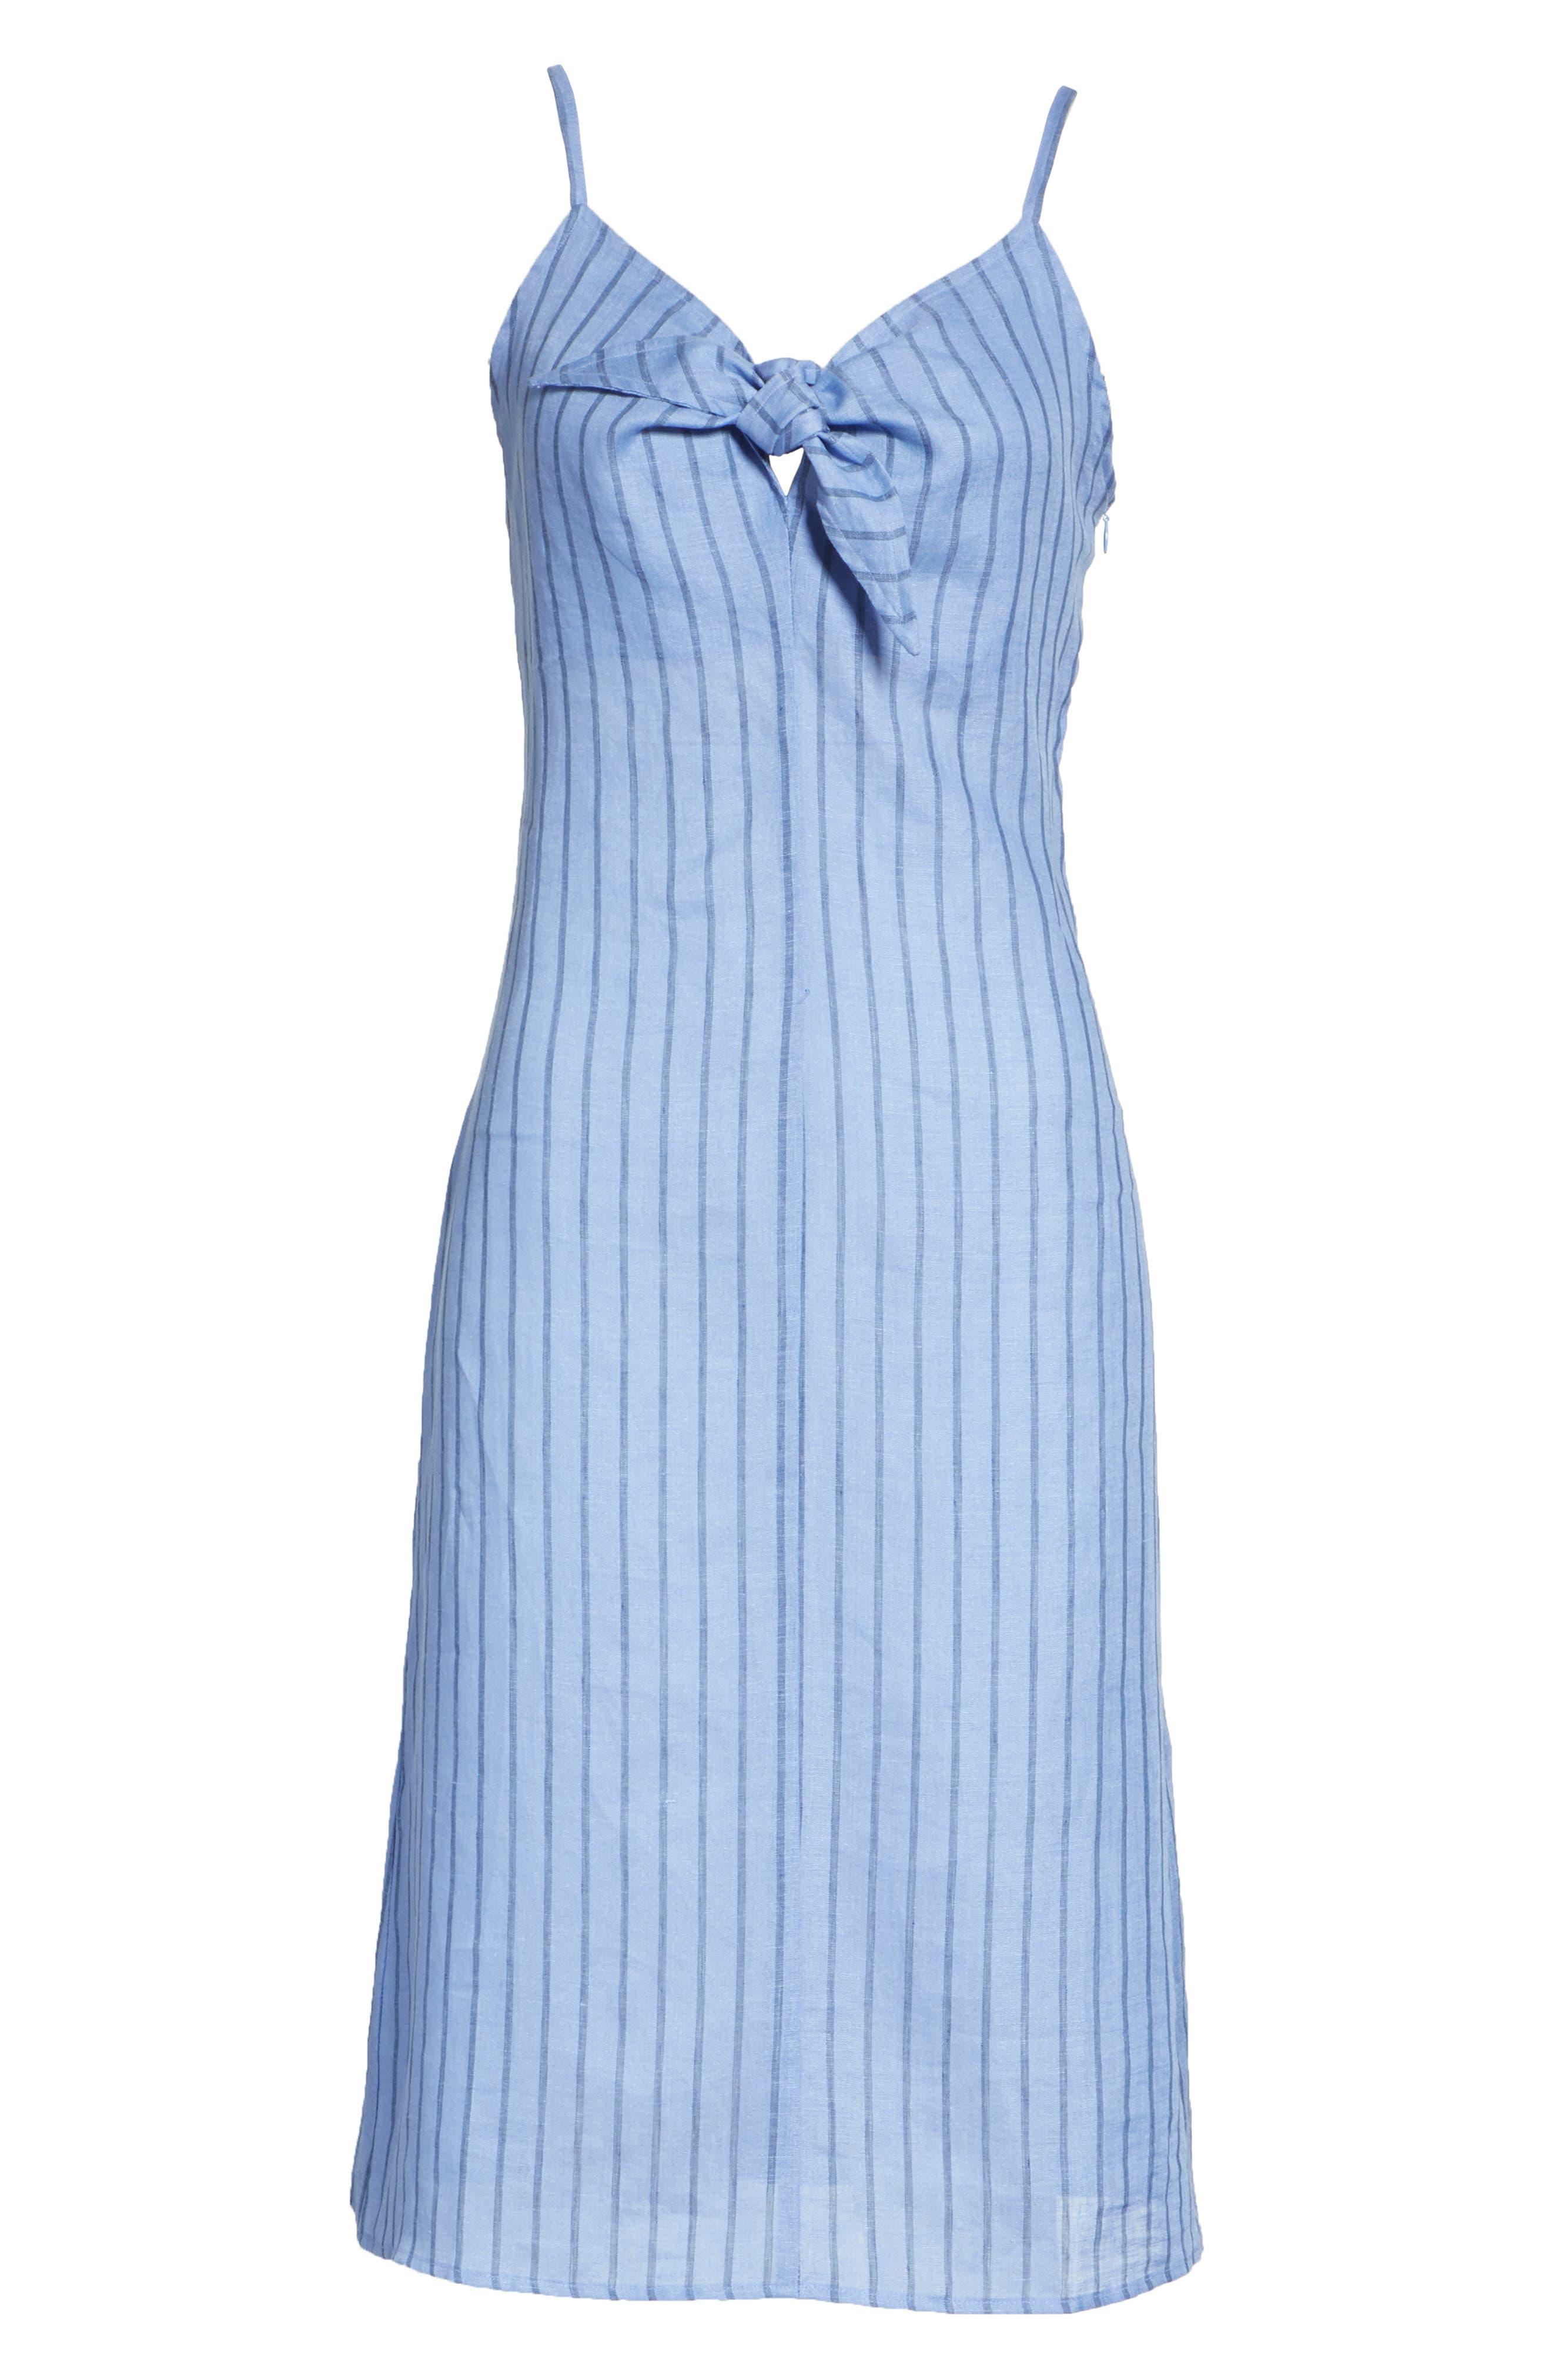 Oriska Stripe Linen Slipdress,                             Alternate thumbnail 6, color,                             400